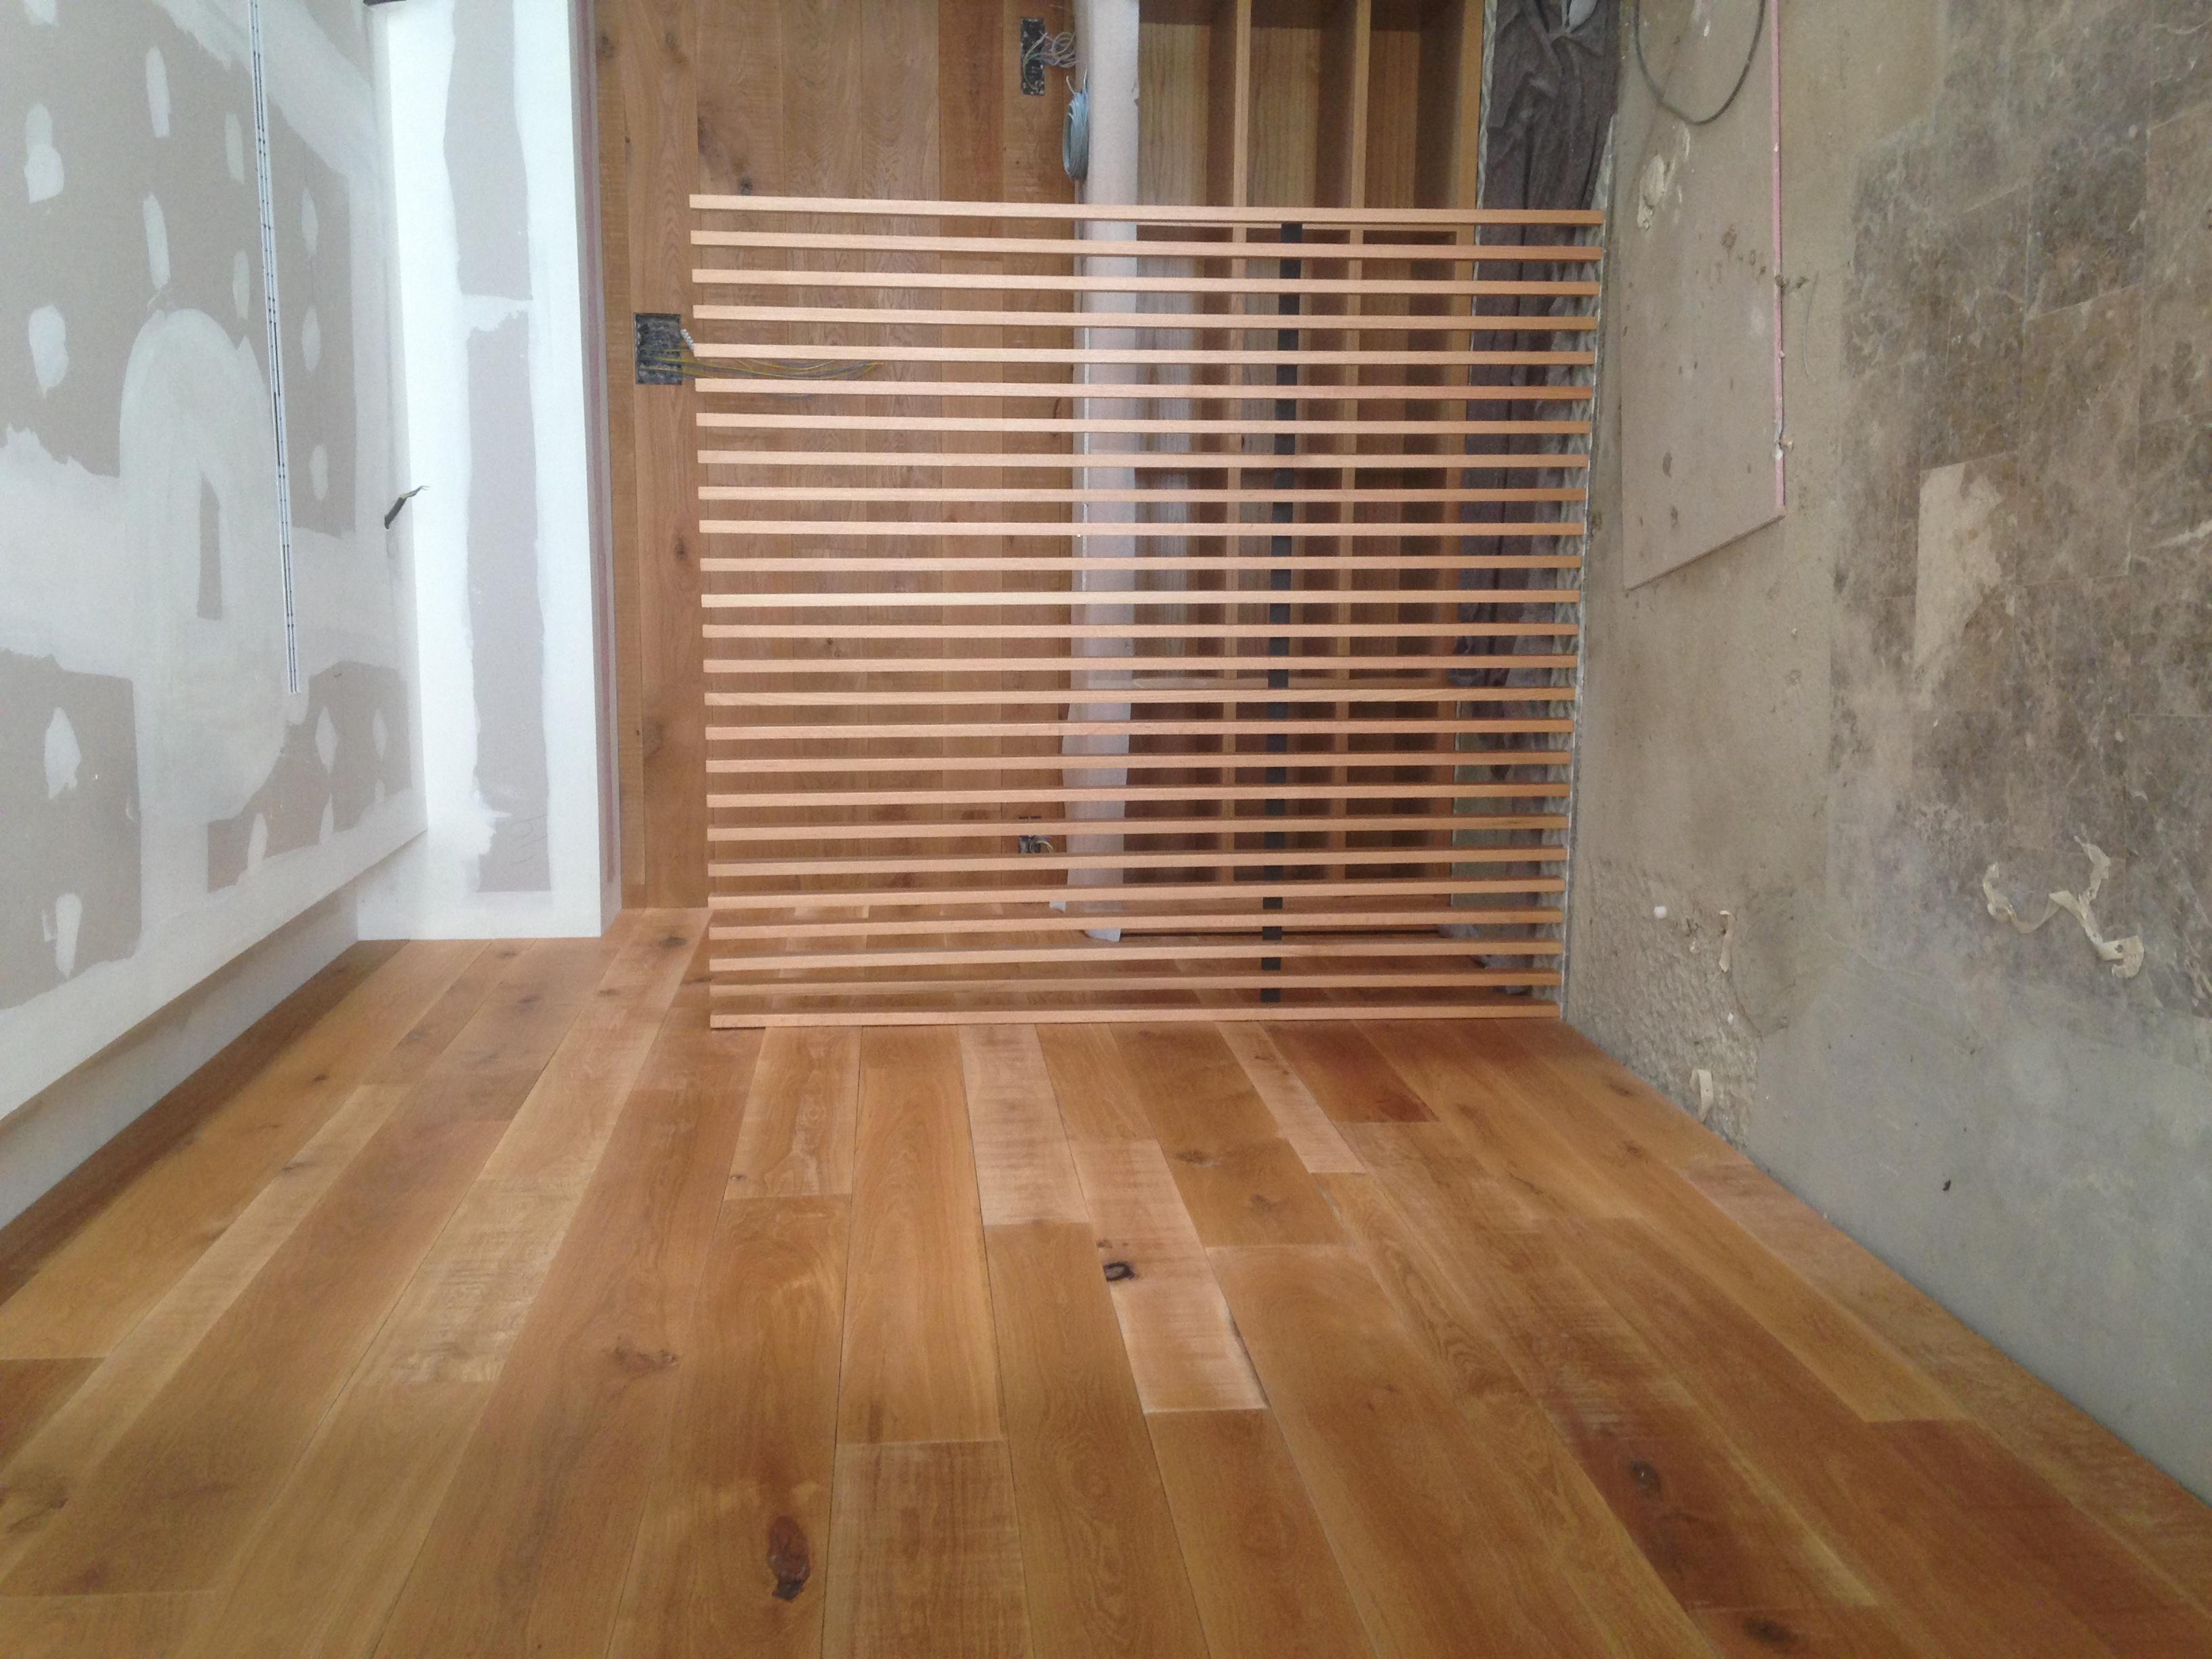 Carpinter a galea fabricaci n de muebles a medida con - Revestimiento madera paredes ...